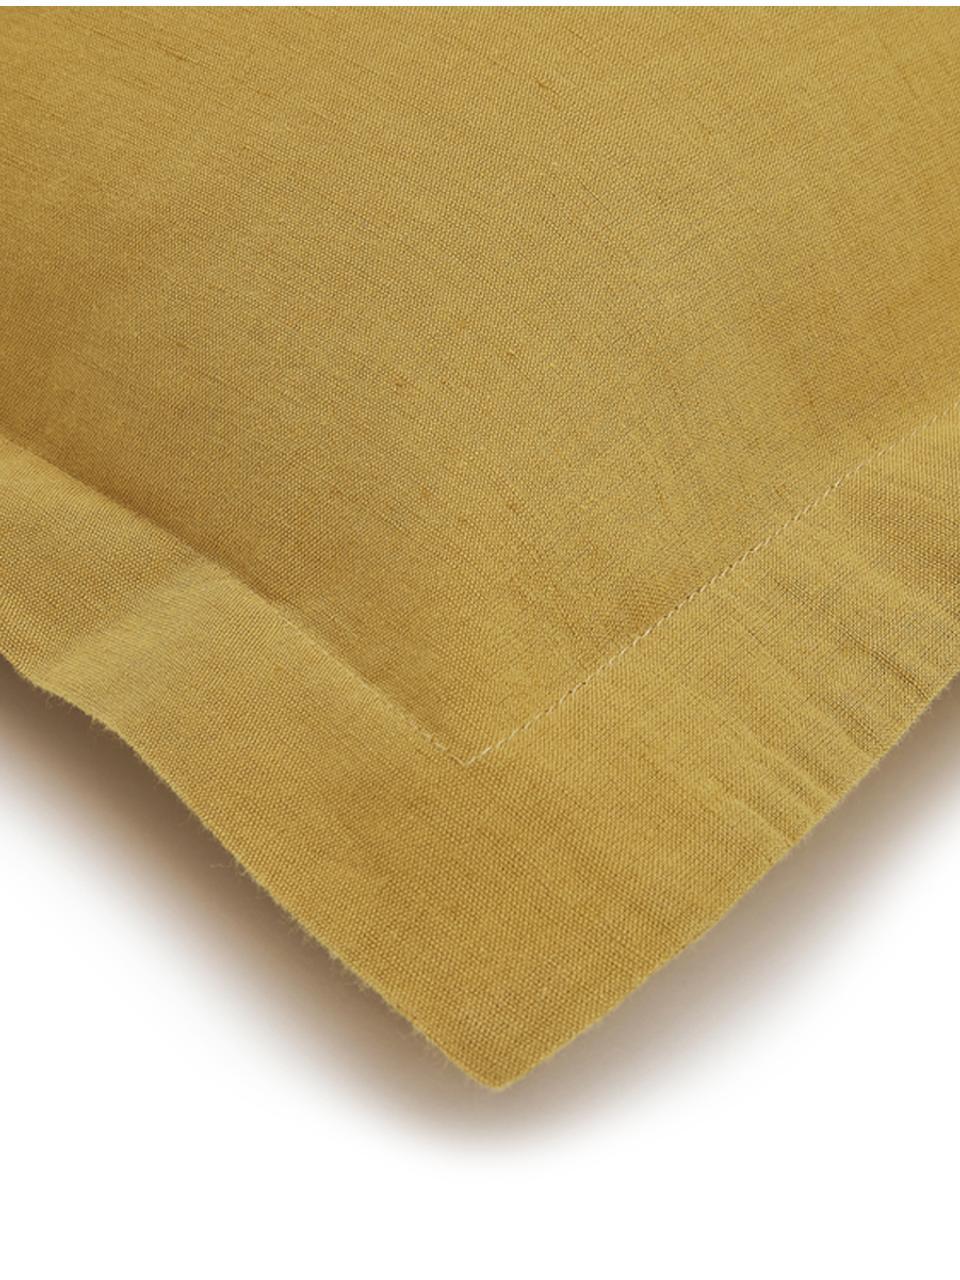 Gewaschene Leinen-Kissenbezüge Nature in Senfgelb, 2 Stück, Halbleinen (52% Leinen, 48% Baumwolle)  Fadendichte 108 TC, Standard Qualität  Halbleinen hat von Natur aus einen kernigen Griff und einen natürlichen Knitterlook, der durch den Stonewash-Effekt verstärkt wird. Es absorbiert bis zu 35% Luftfeuchtigkeit, trocknet sehr schnell und wirkt in Sommernächten angenehm kühlend. Die hohe Reißfestigkeit macht Halbleinen scheuerfest und strapazierfähig., Senfgelb, 40 x 80 cm